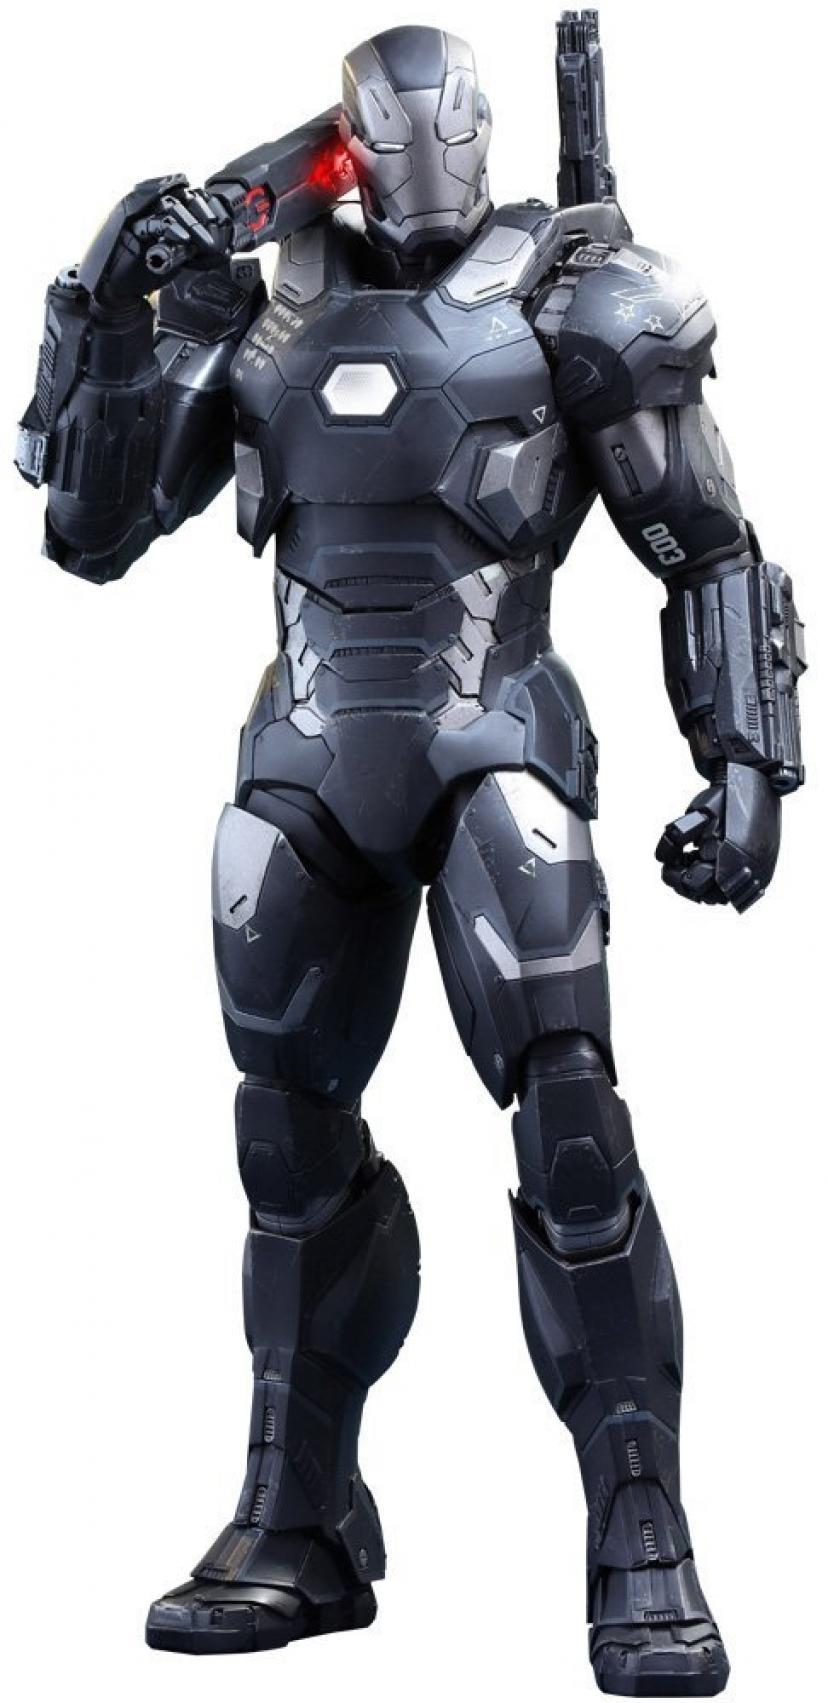 ウォーマシン マーク3 アイアンマン